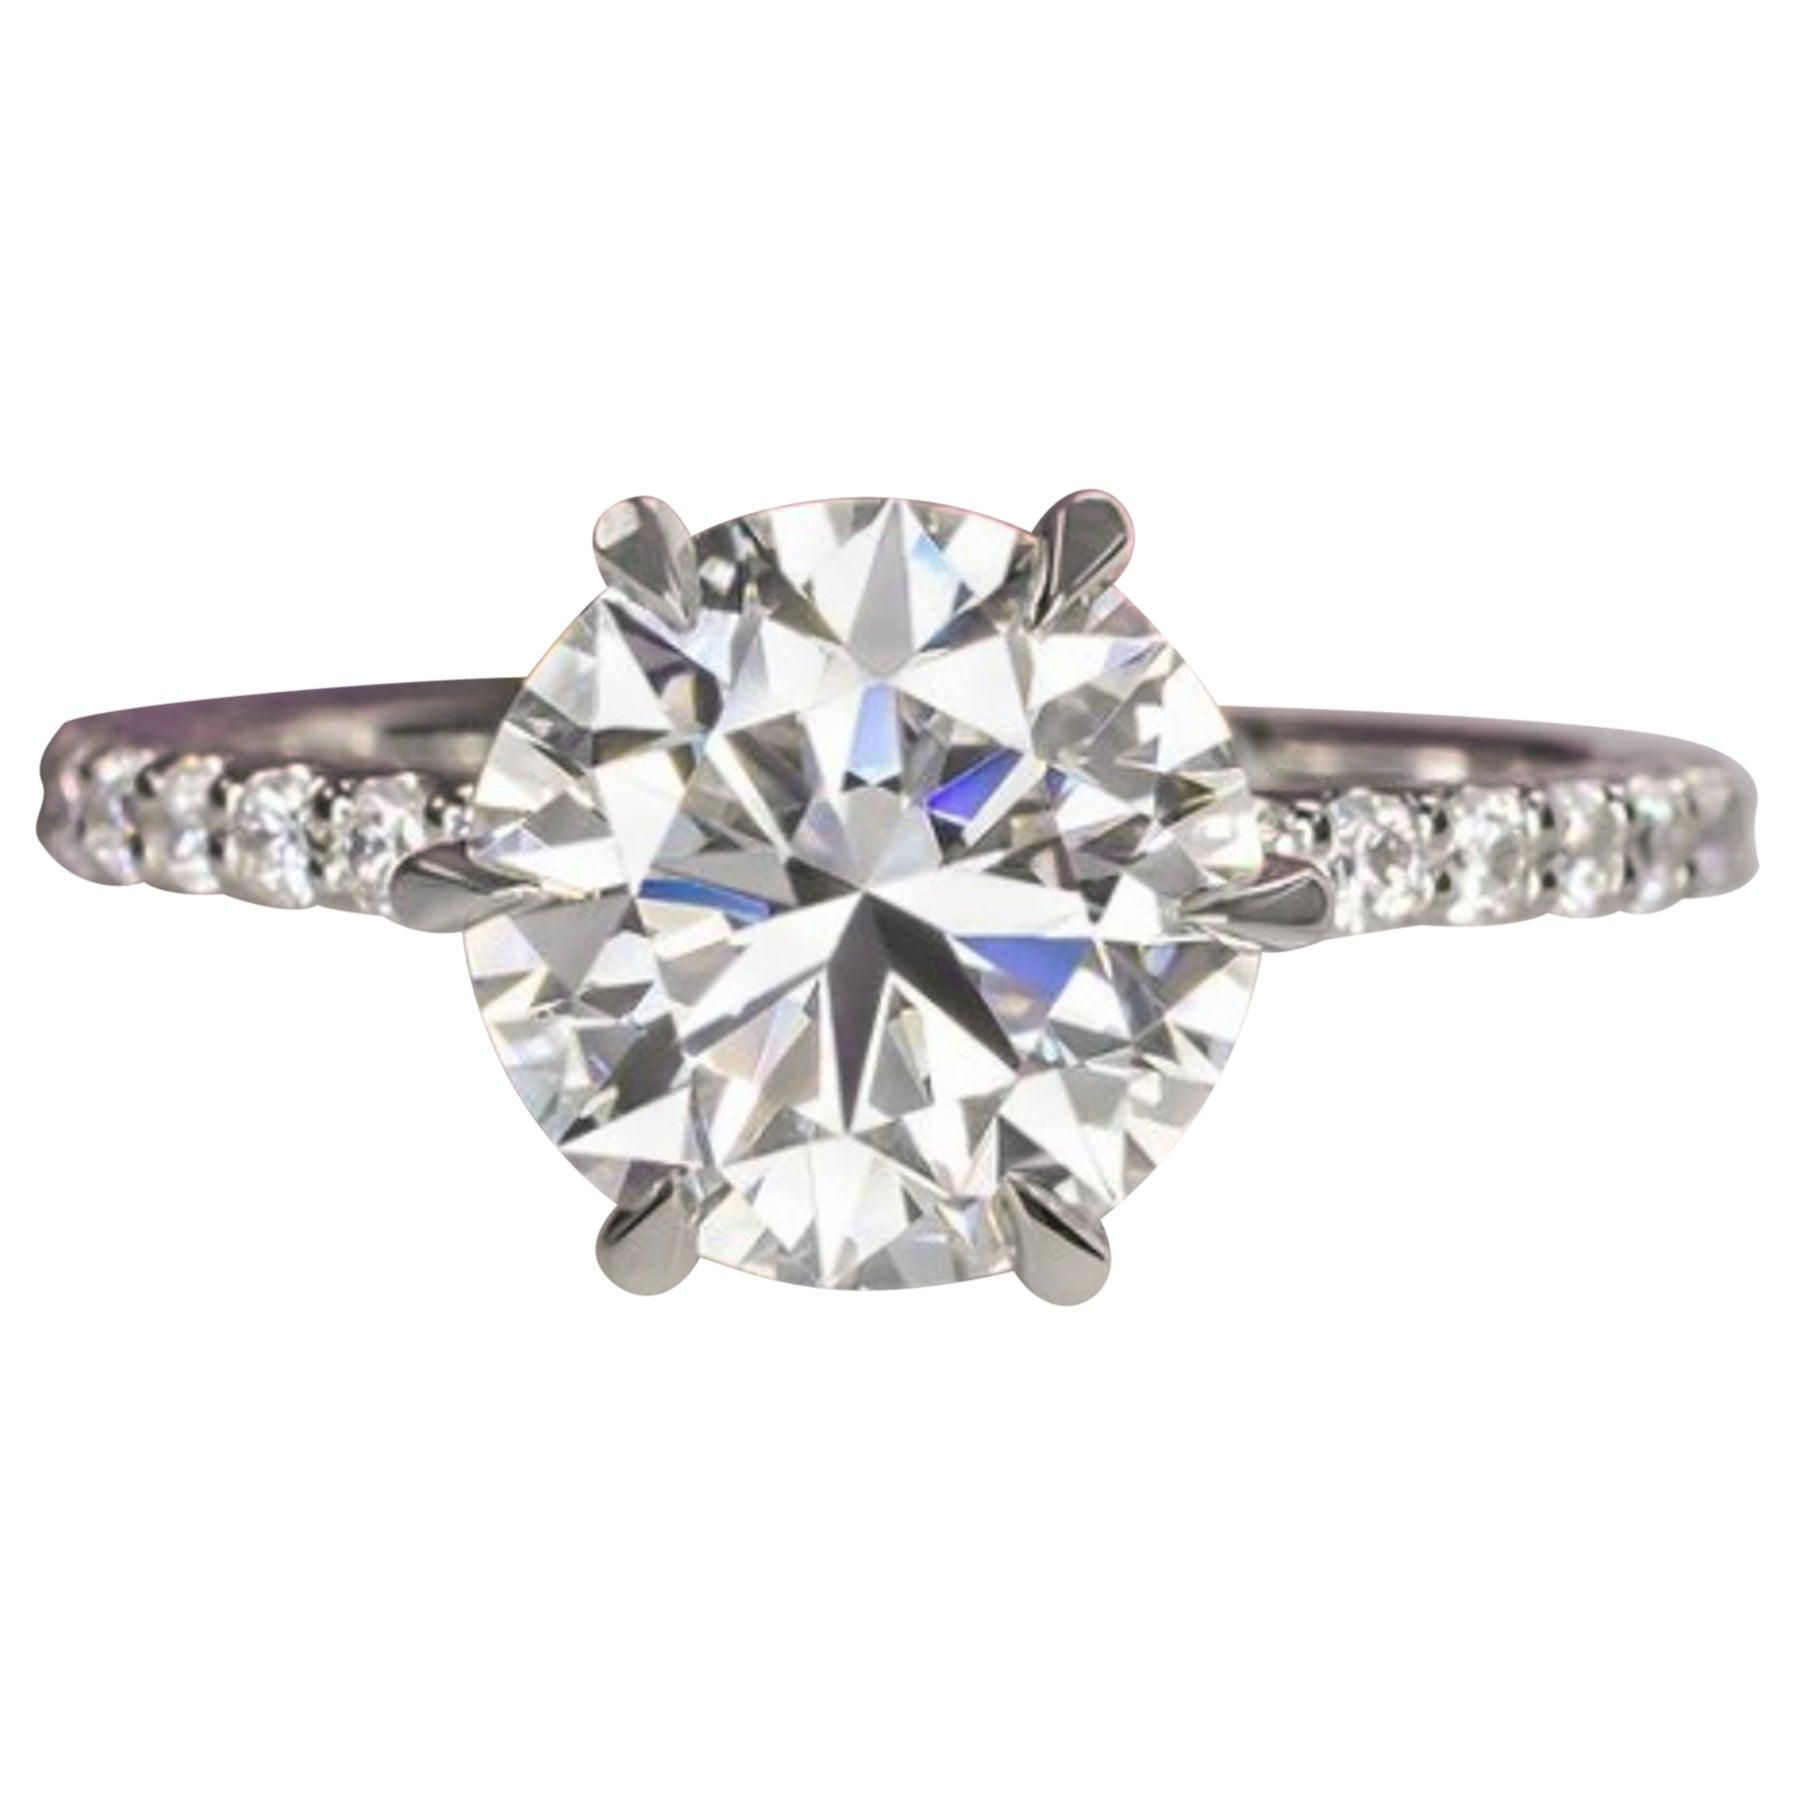 GIA 2.40 Carat Round Brilliant Cut Diamond